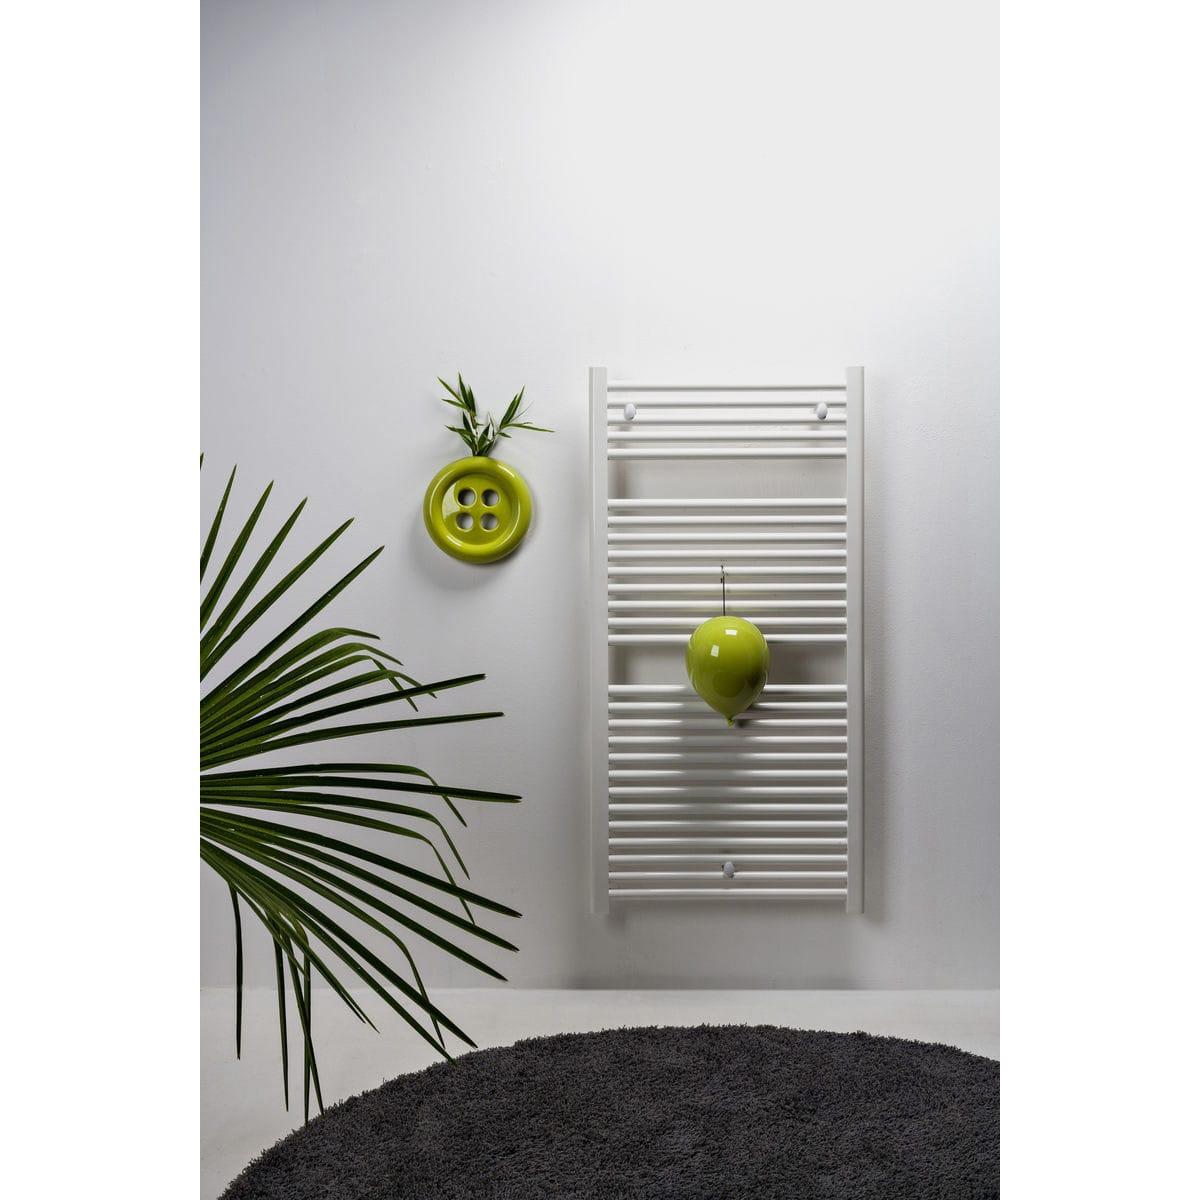 Umidificatori per radiatore in ceramica a forma di palloncino, collezione Balloon, colore verde con umidificatore per termosifone a forma di bottone verde